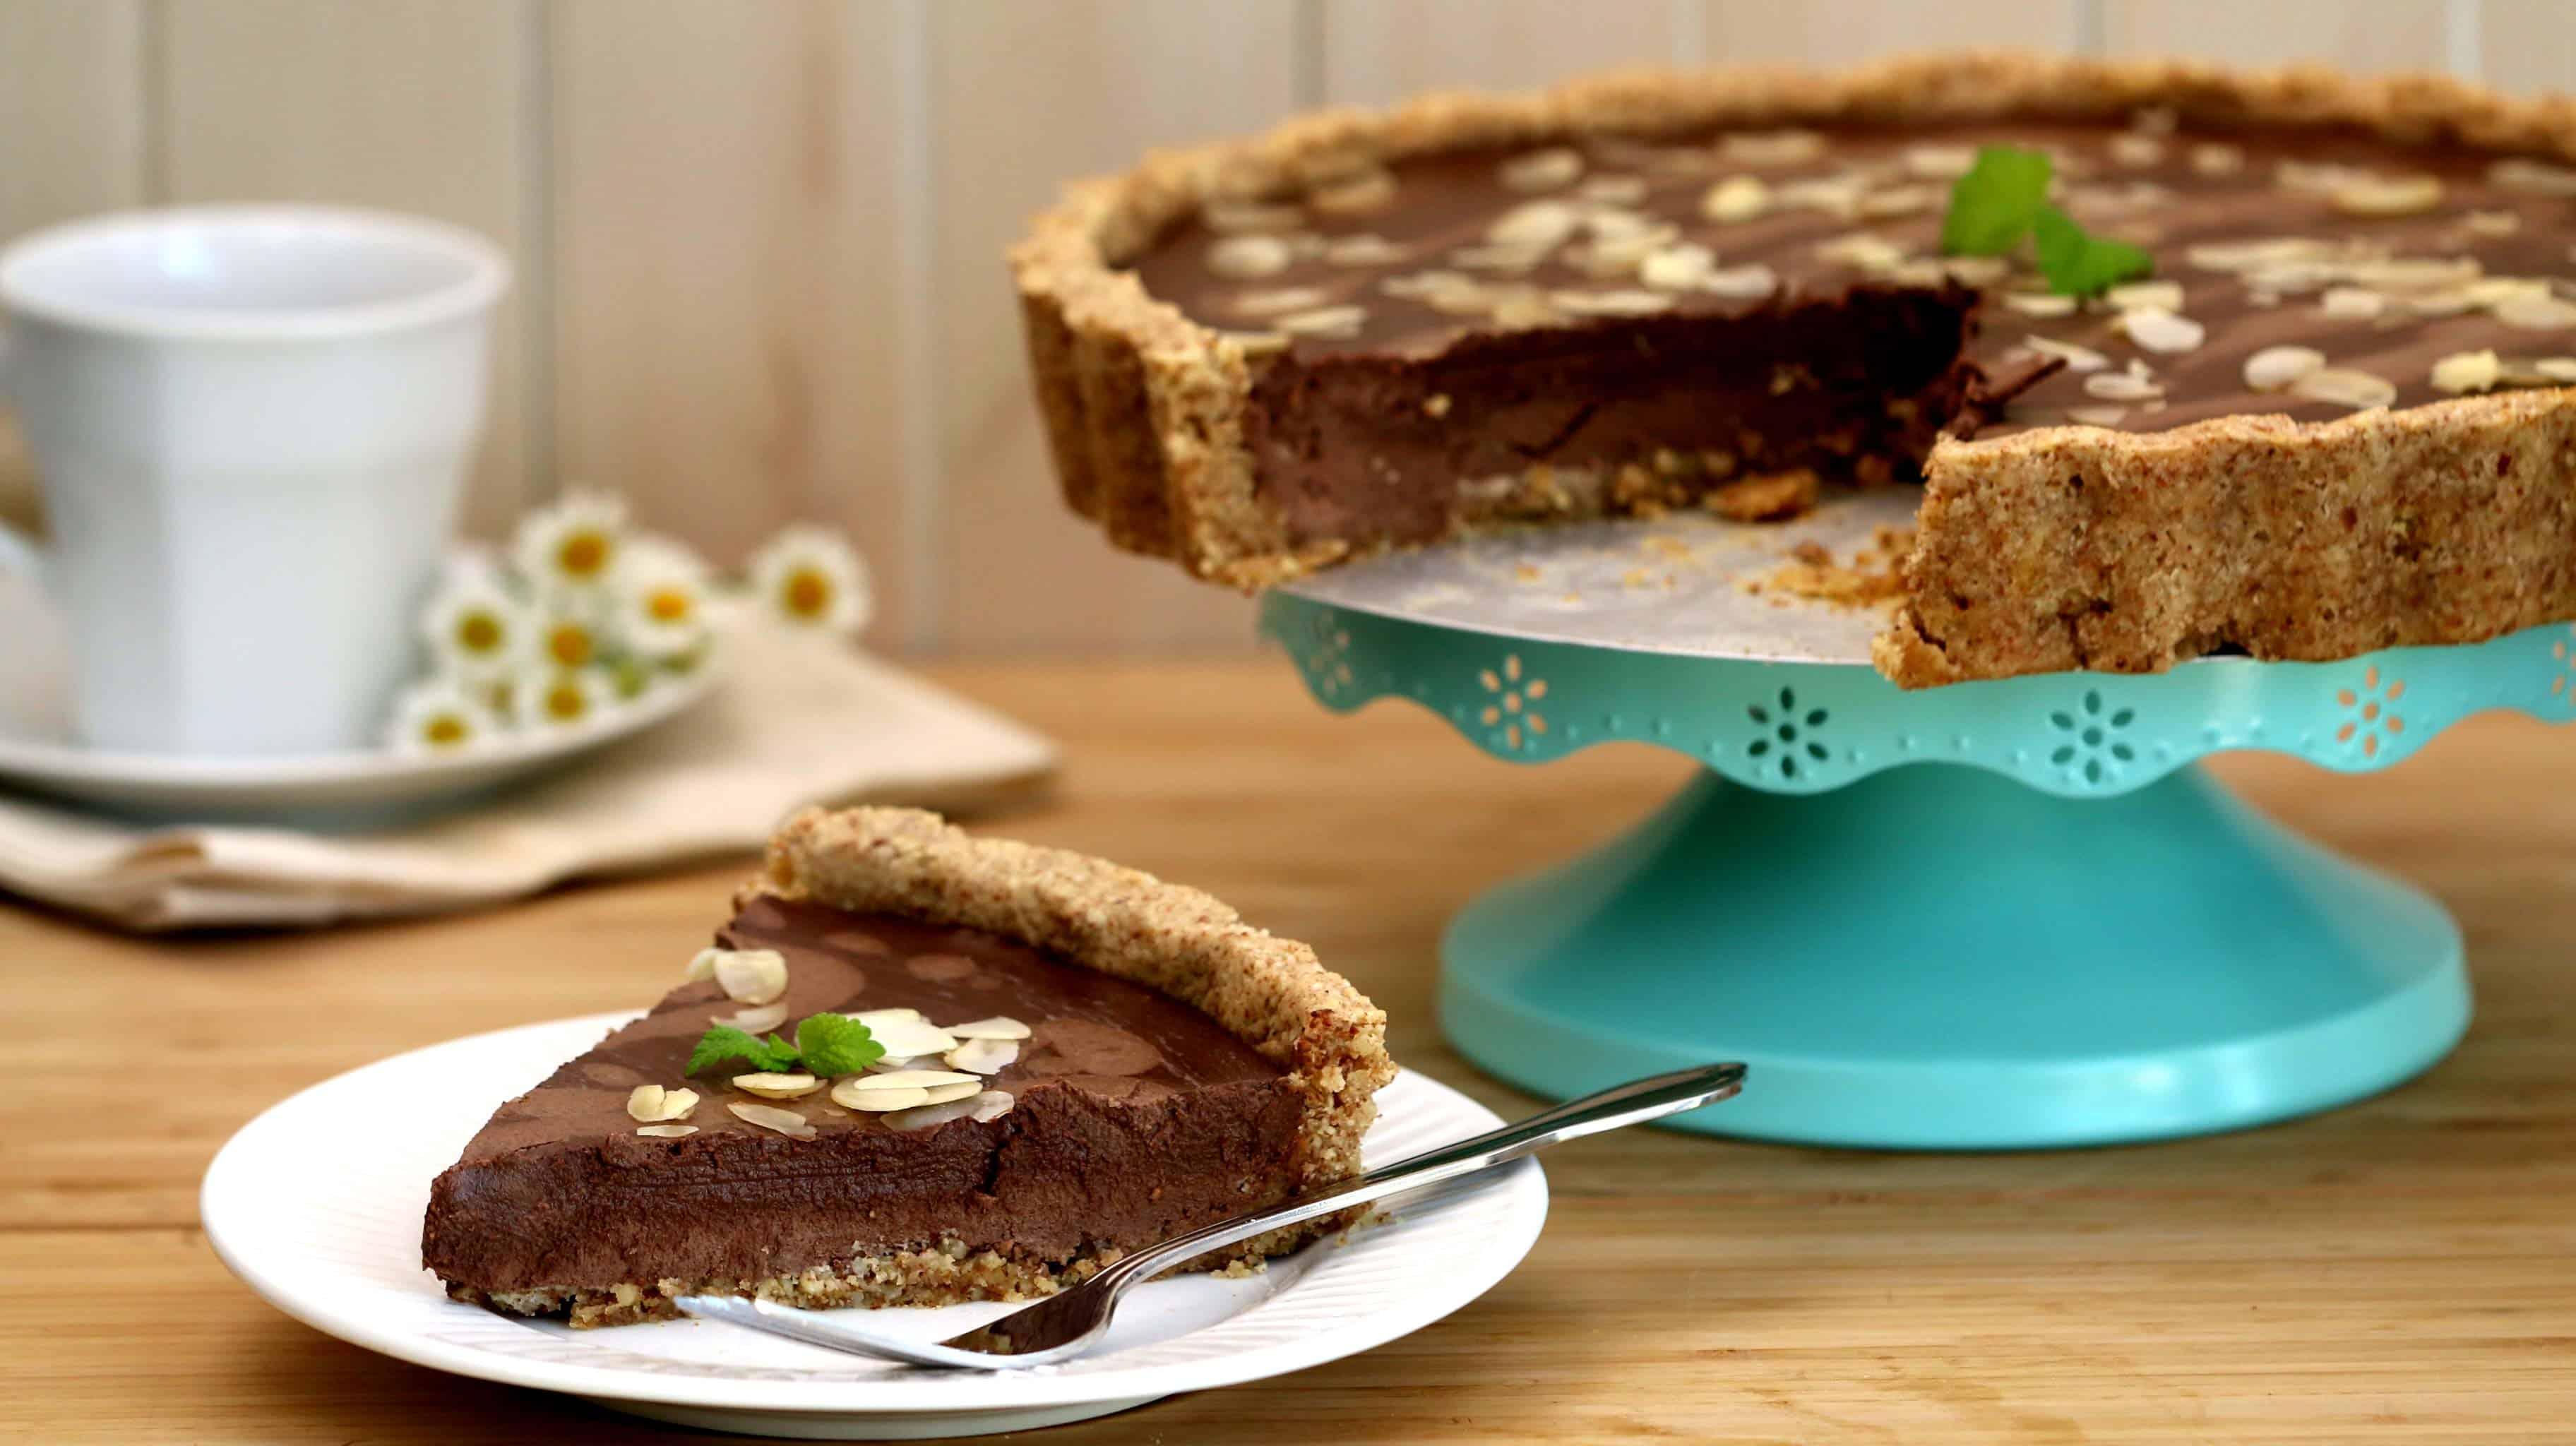 Recette santé de desserts au chocolat par la confession du gourmet.